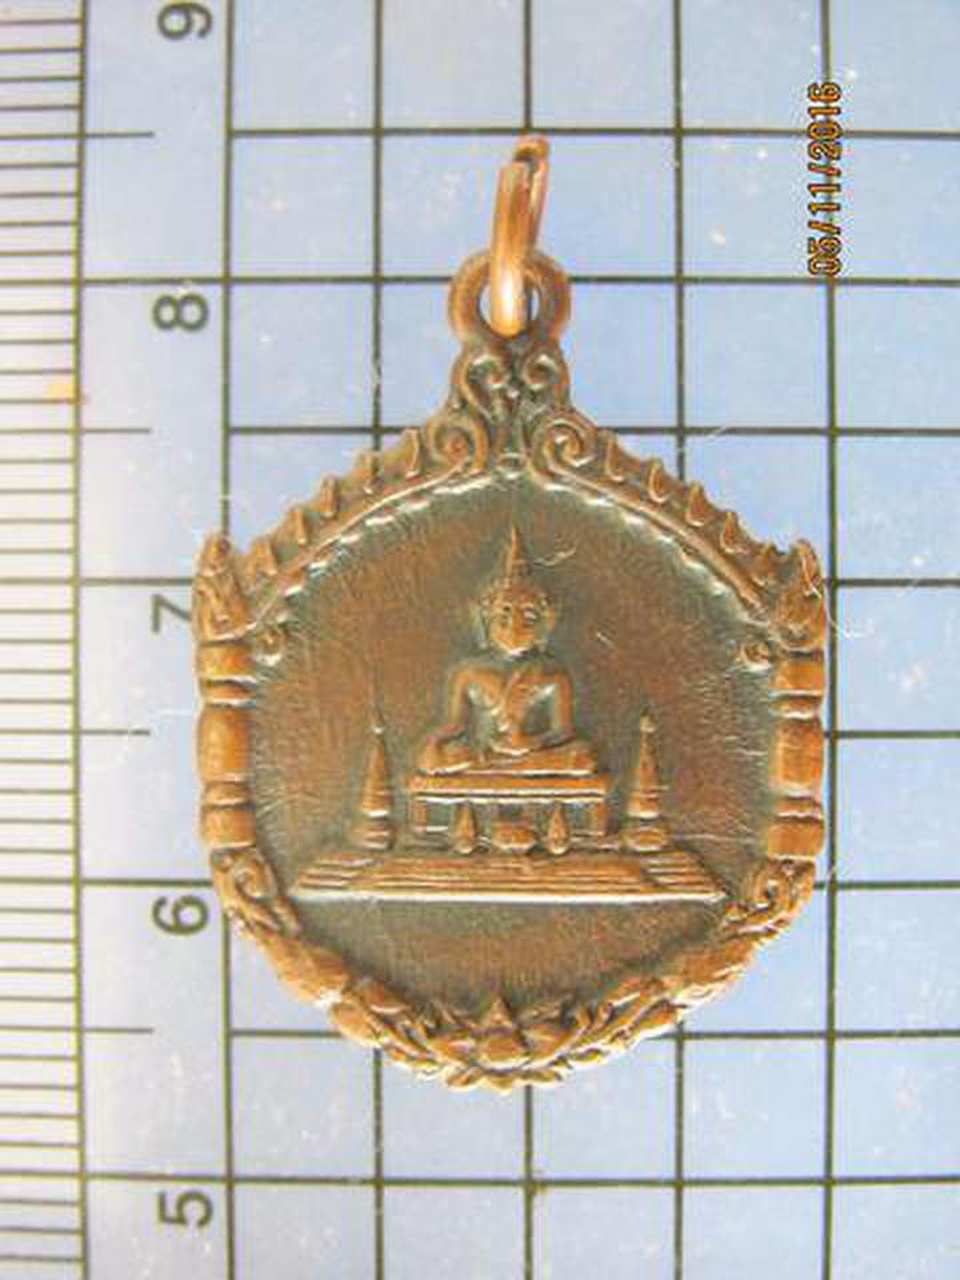 038 เหรียญรุ่นแรก พระมงคลมิ่งเมือง ปี 2508 จ อำนาจเจริญ บล็อ รูปที่ 2